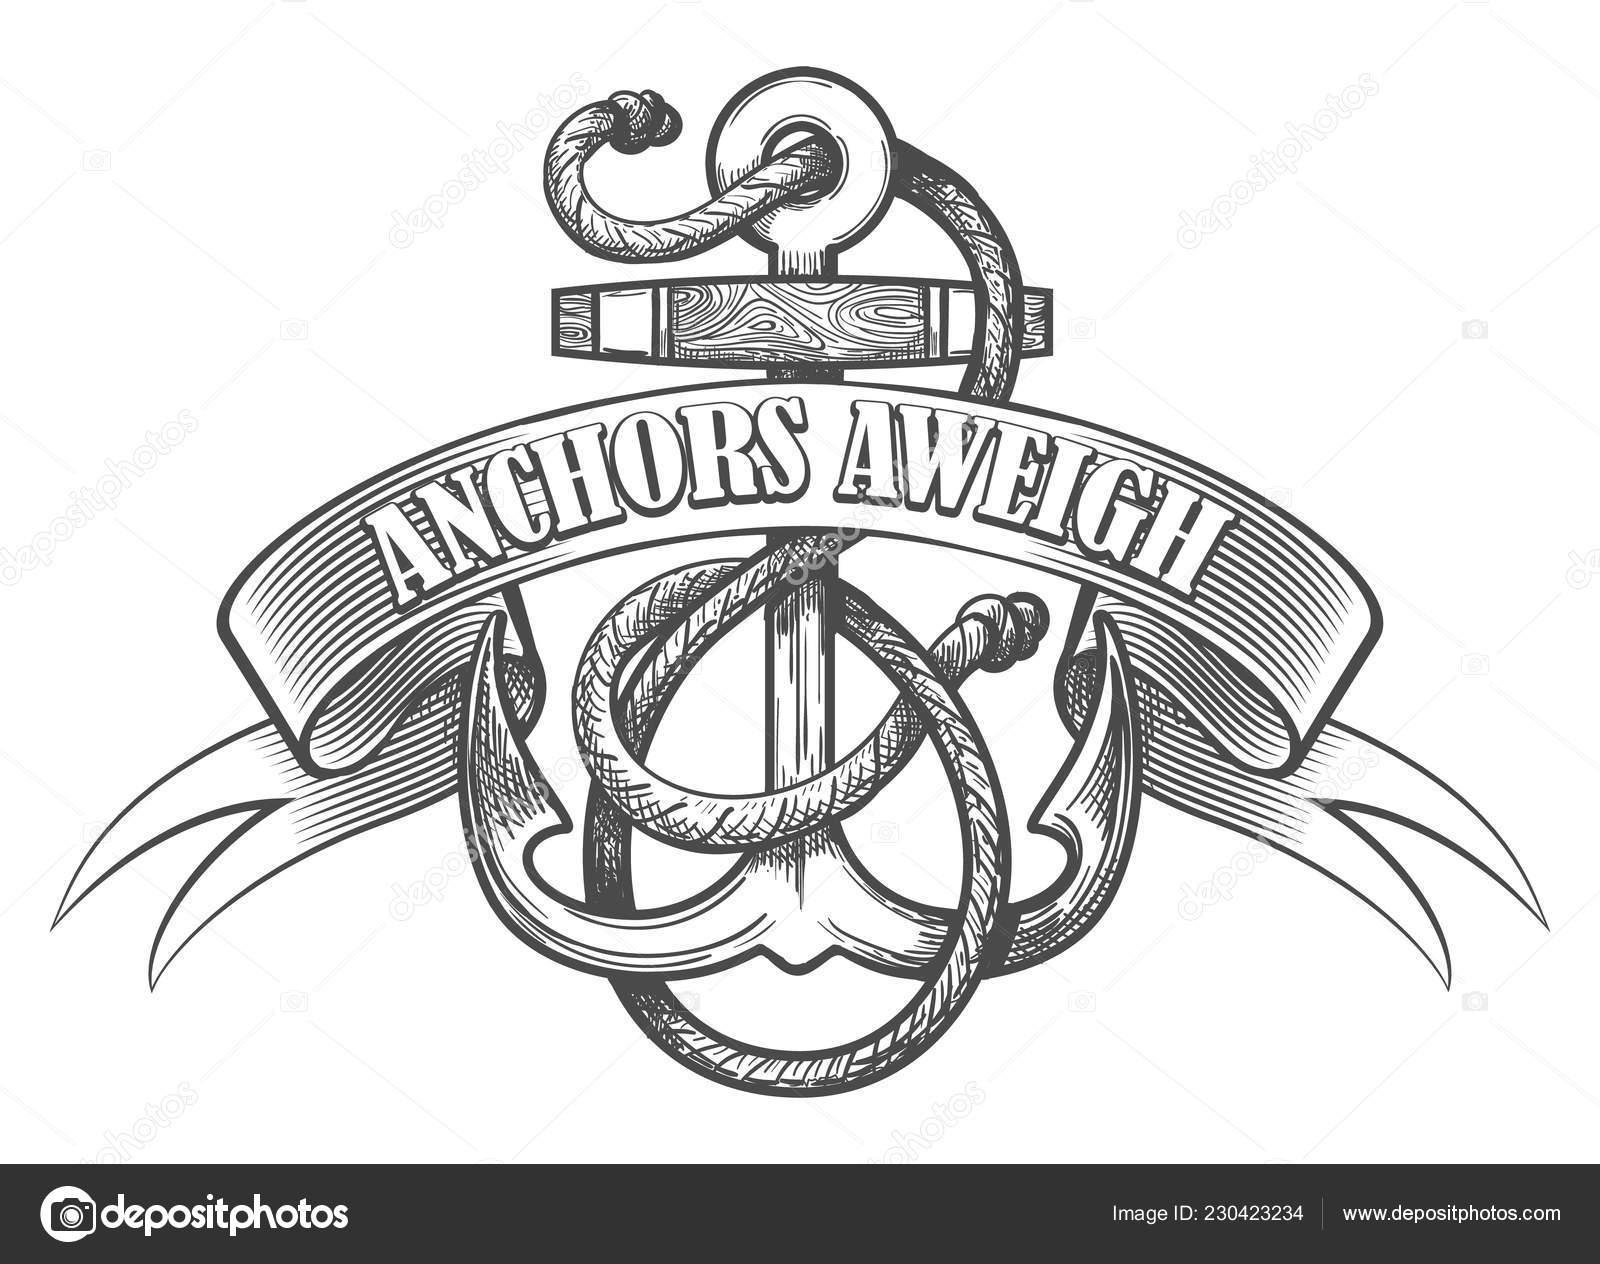 Nautical Anchor Ropes Ribbon Wording Anchors Aweigh Drawn Tattoo